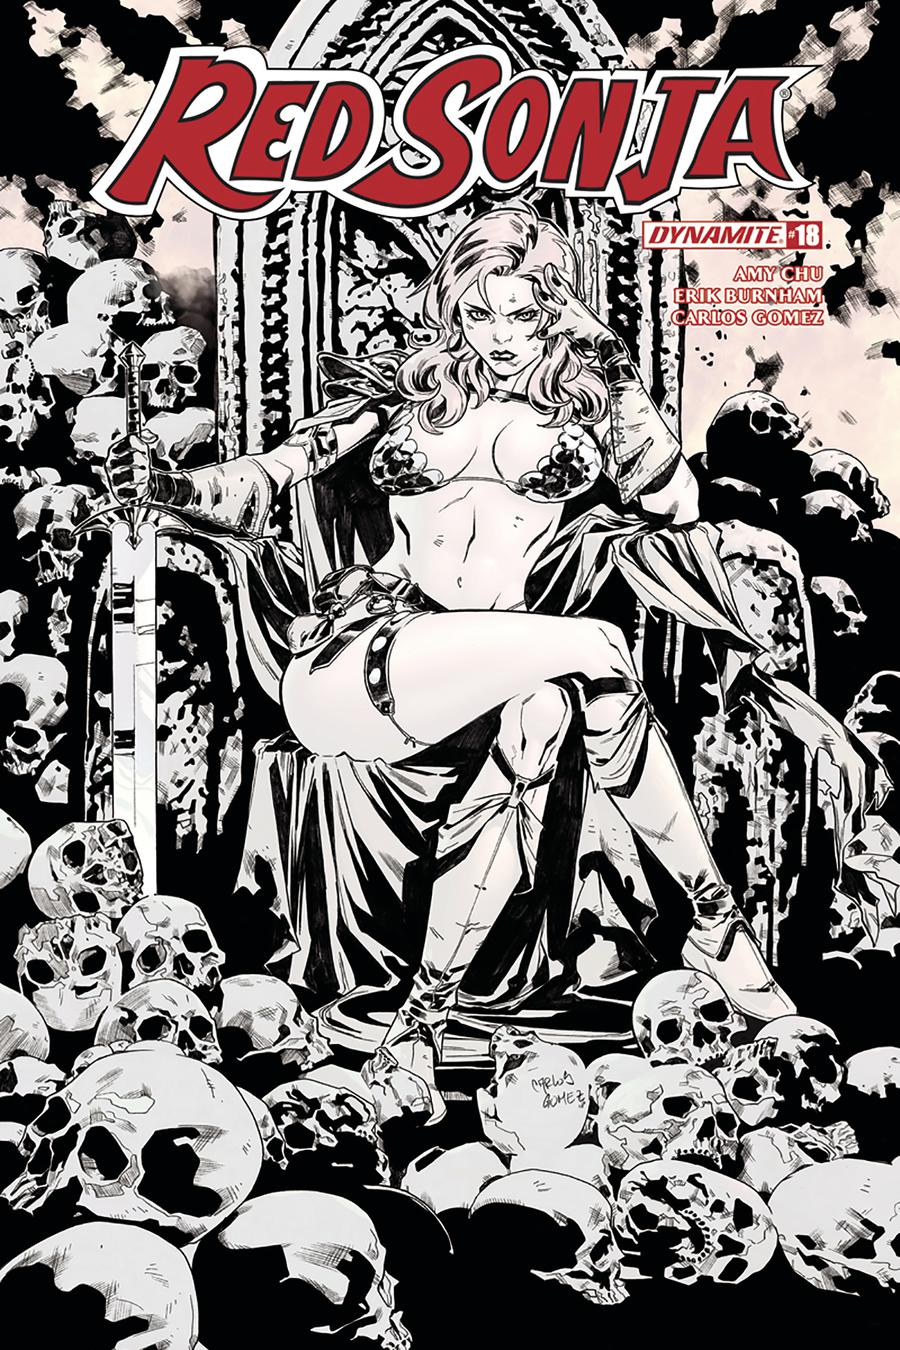 Red Sonja Vol 7 #18 Cover F Incentive Carlos Gomez Black & White Cover